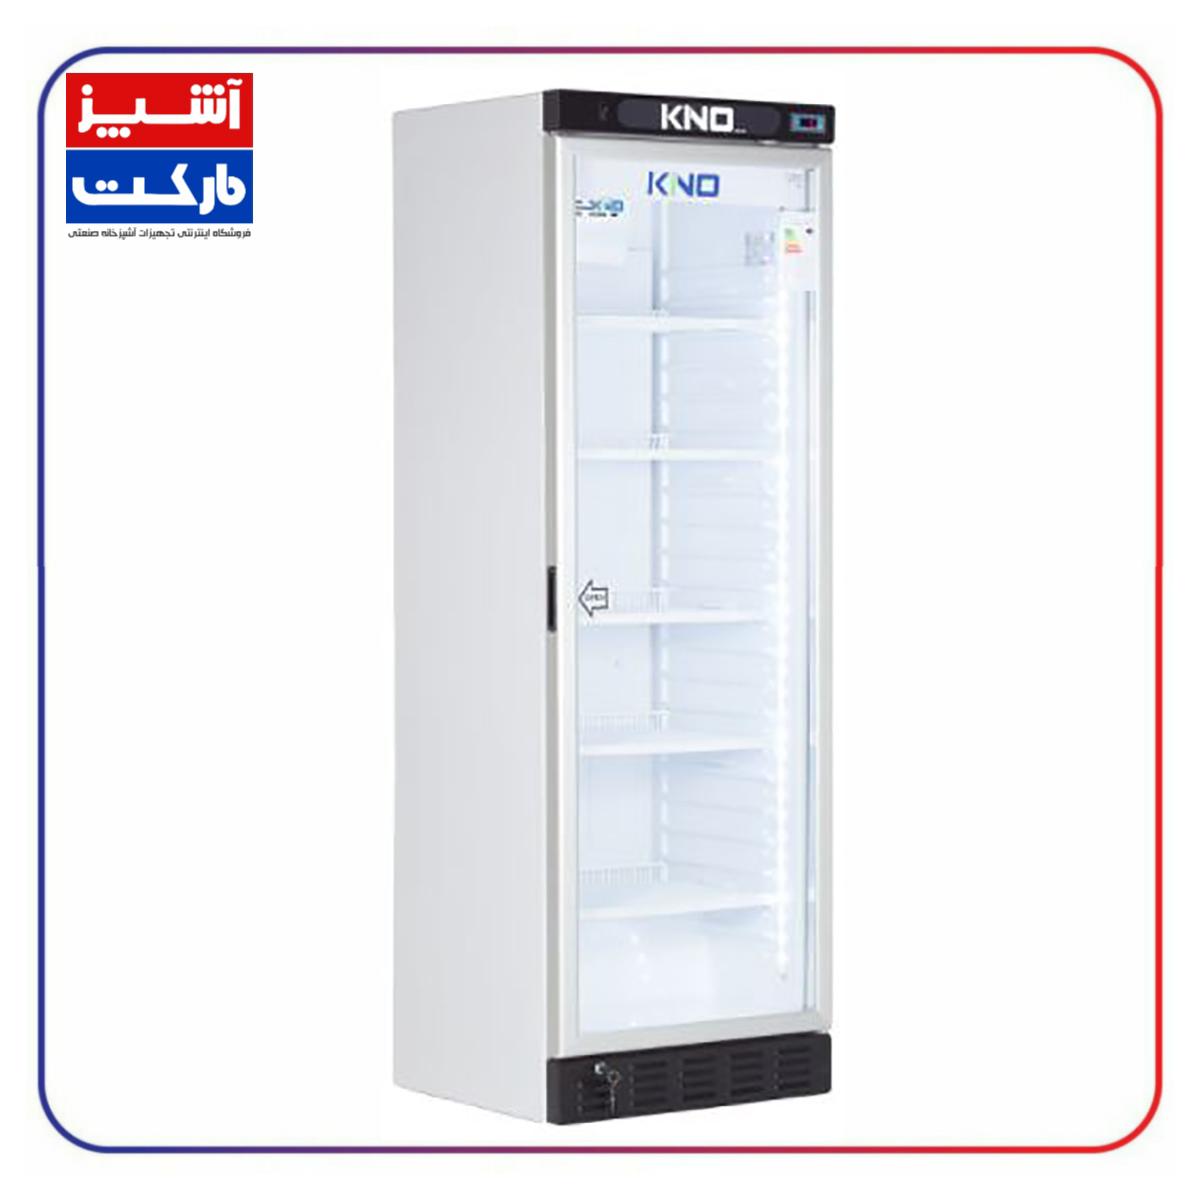 یخچال فروشگاهی کینو 60 سانت KINO KR 615 WL-1D